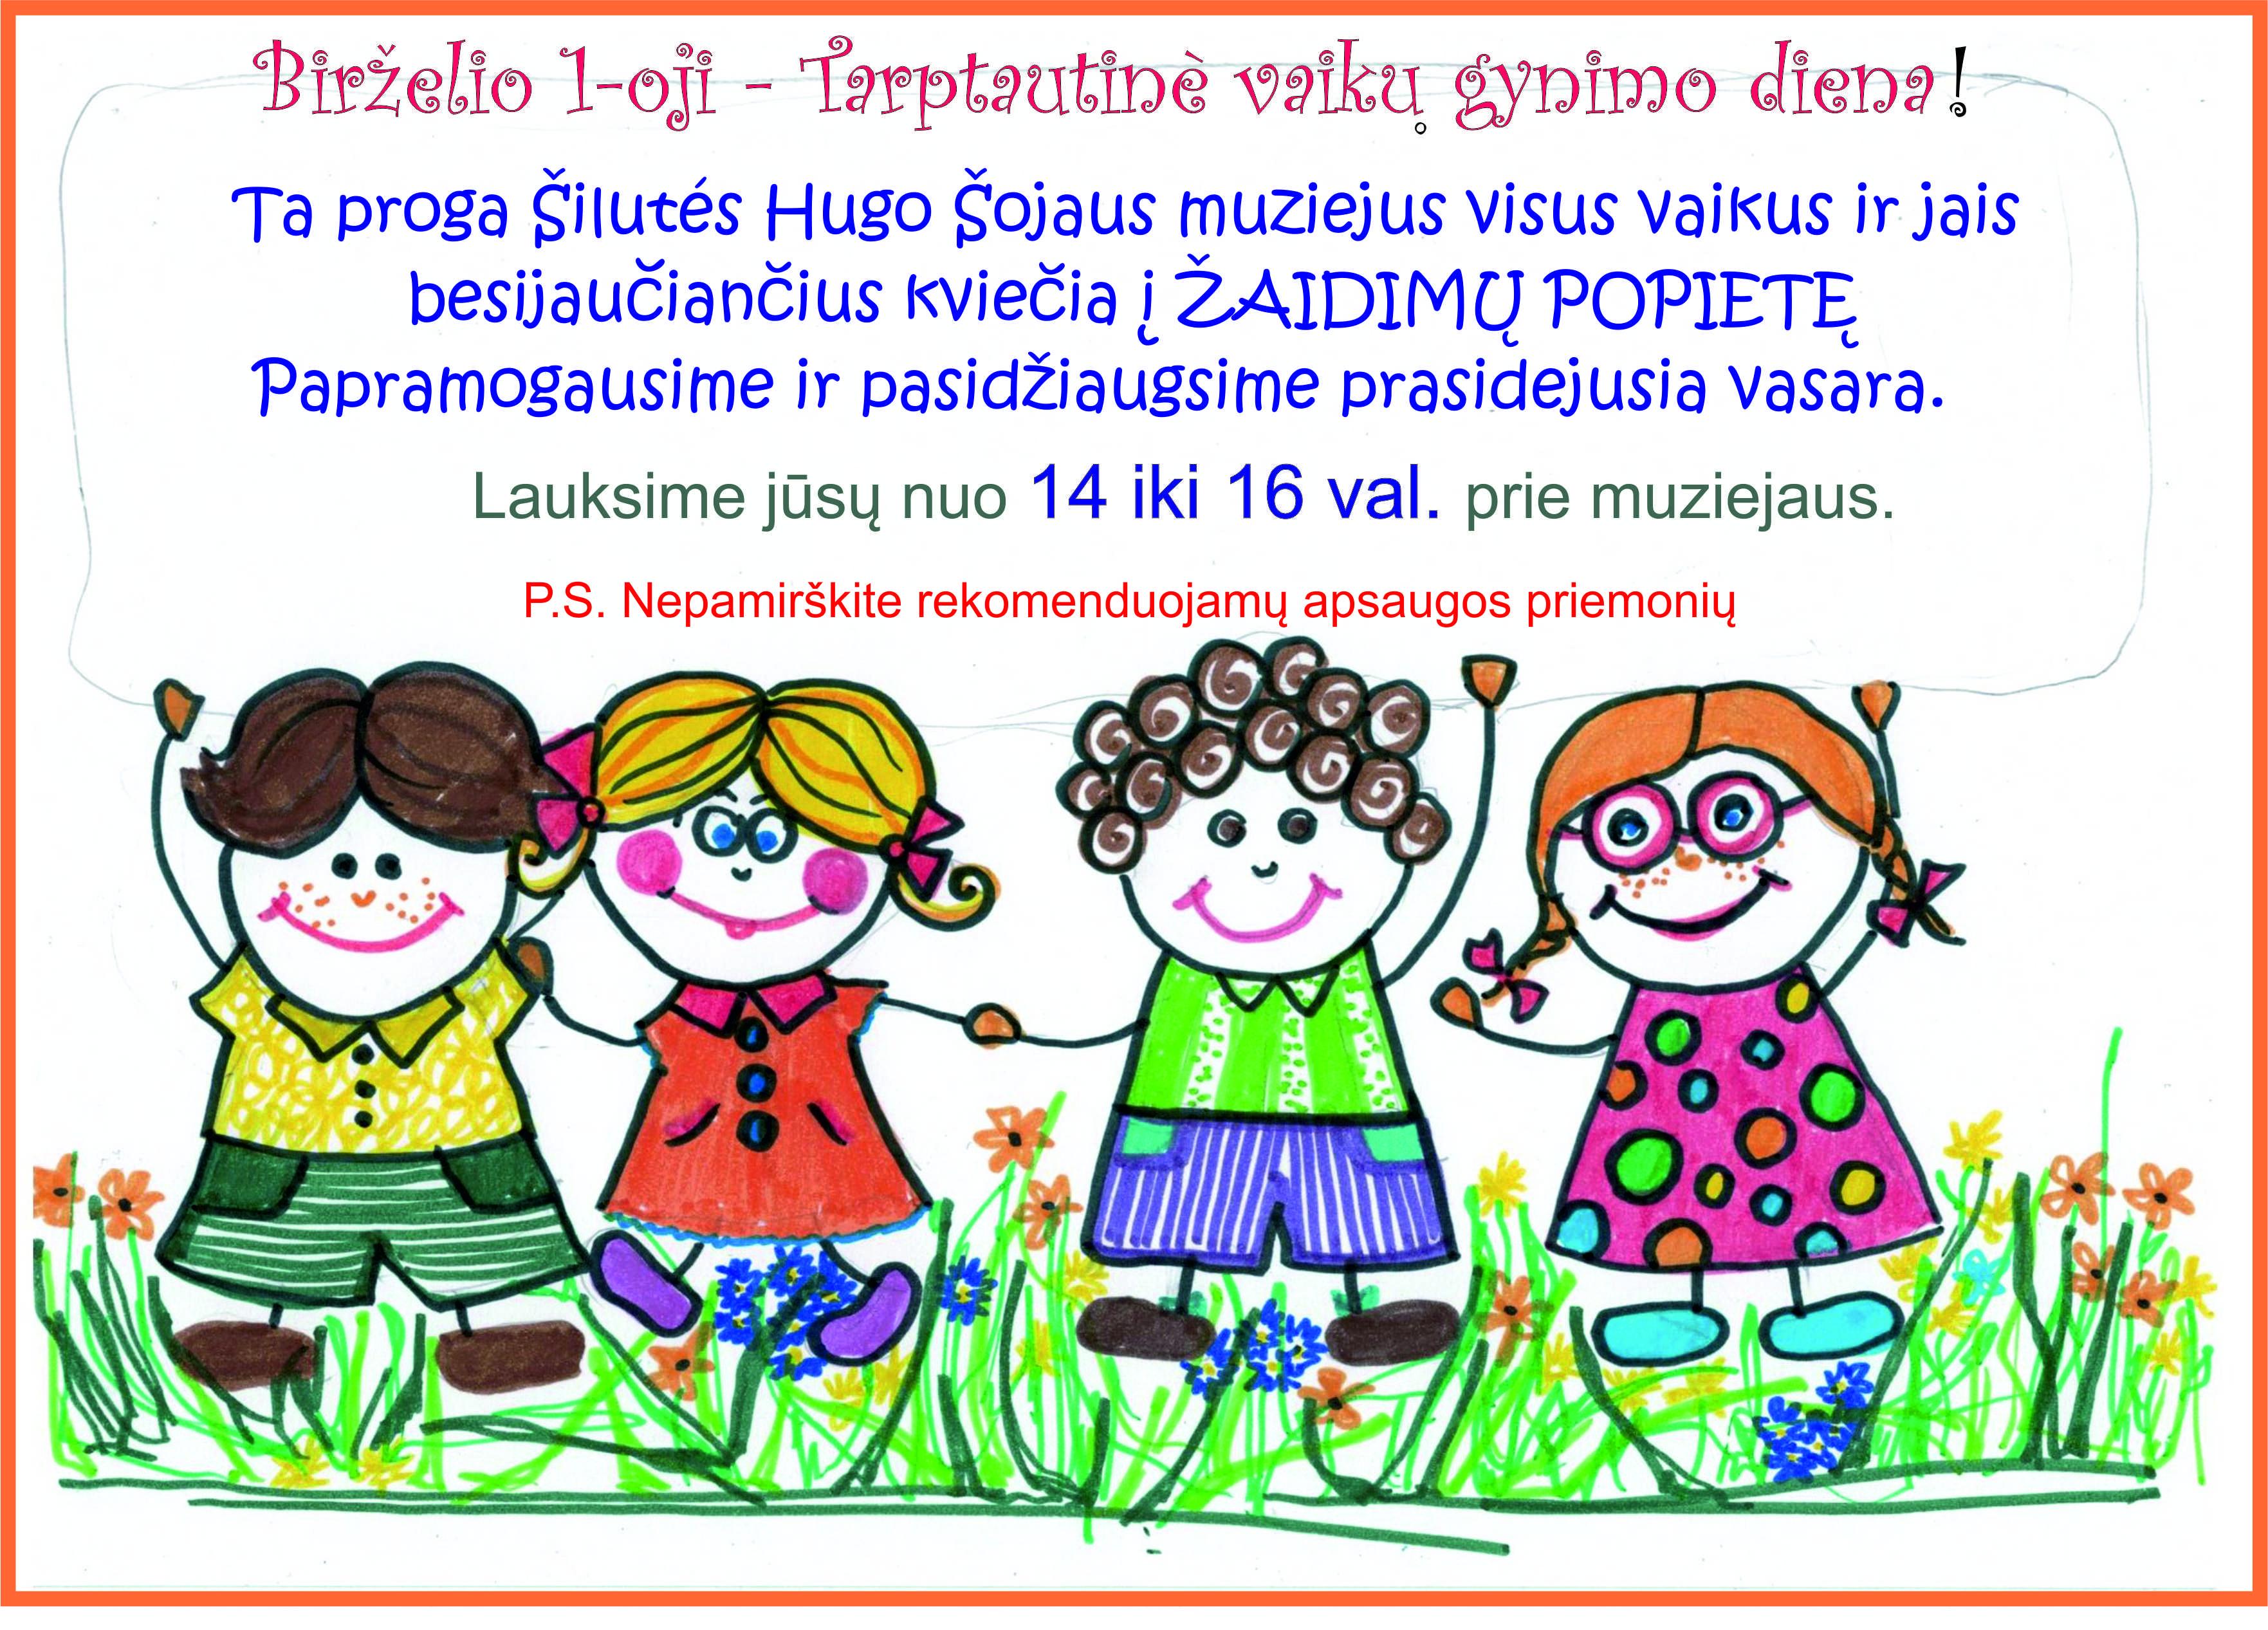 Birželio 1-oji – Tarptautinė vaikų gynimo diena!